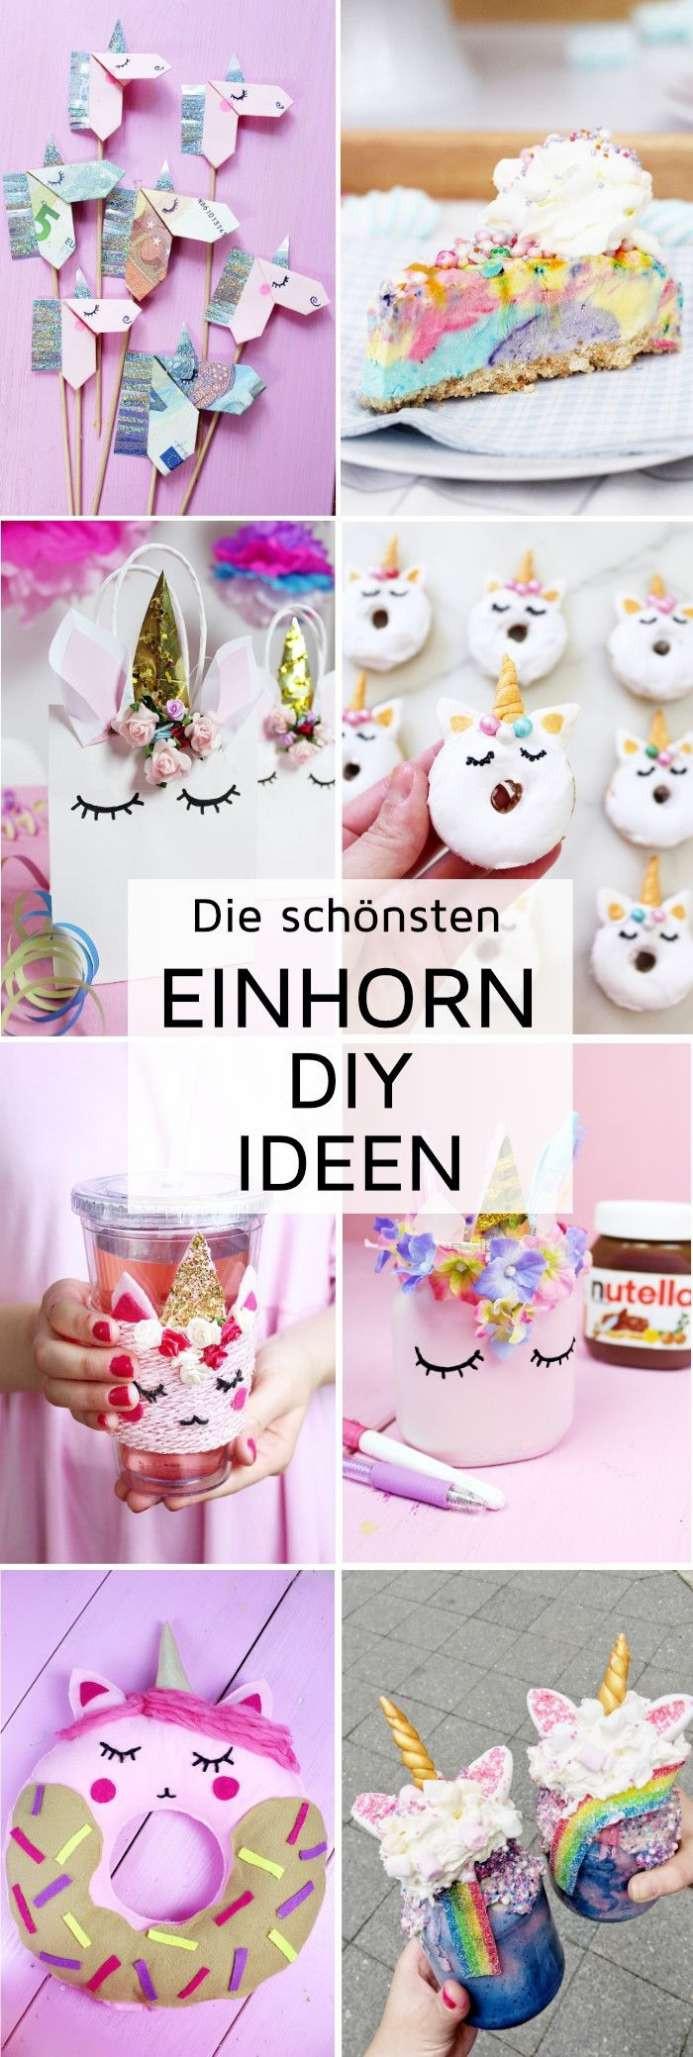 Geburtstag Geschenke Ideen  1 Geburtstag Deko Selber Machen Home Ideen